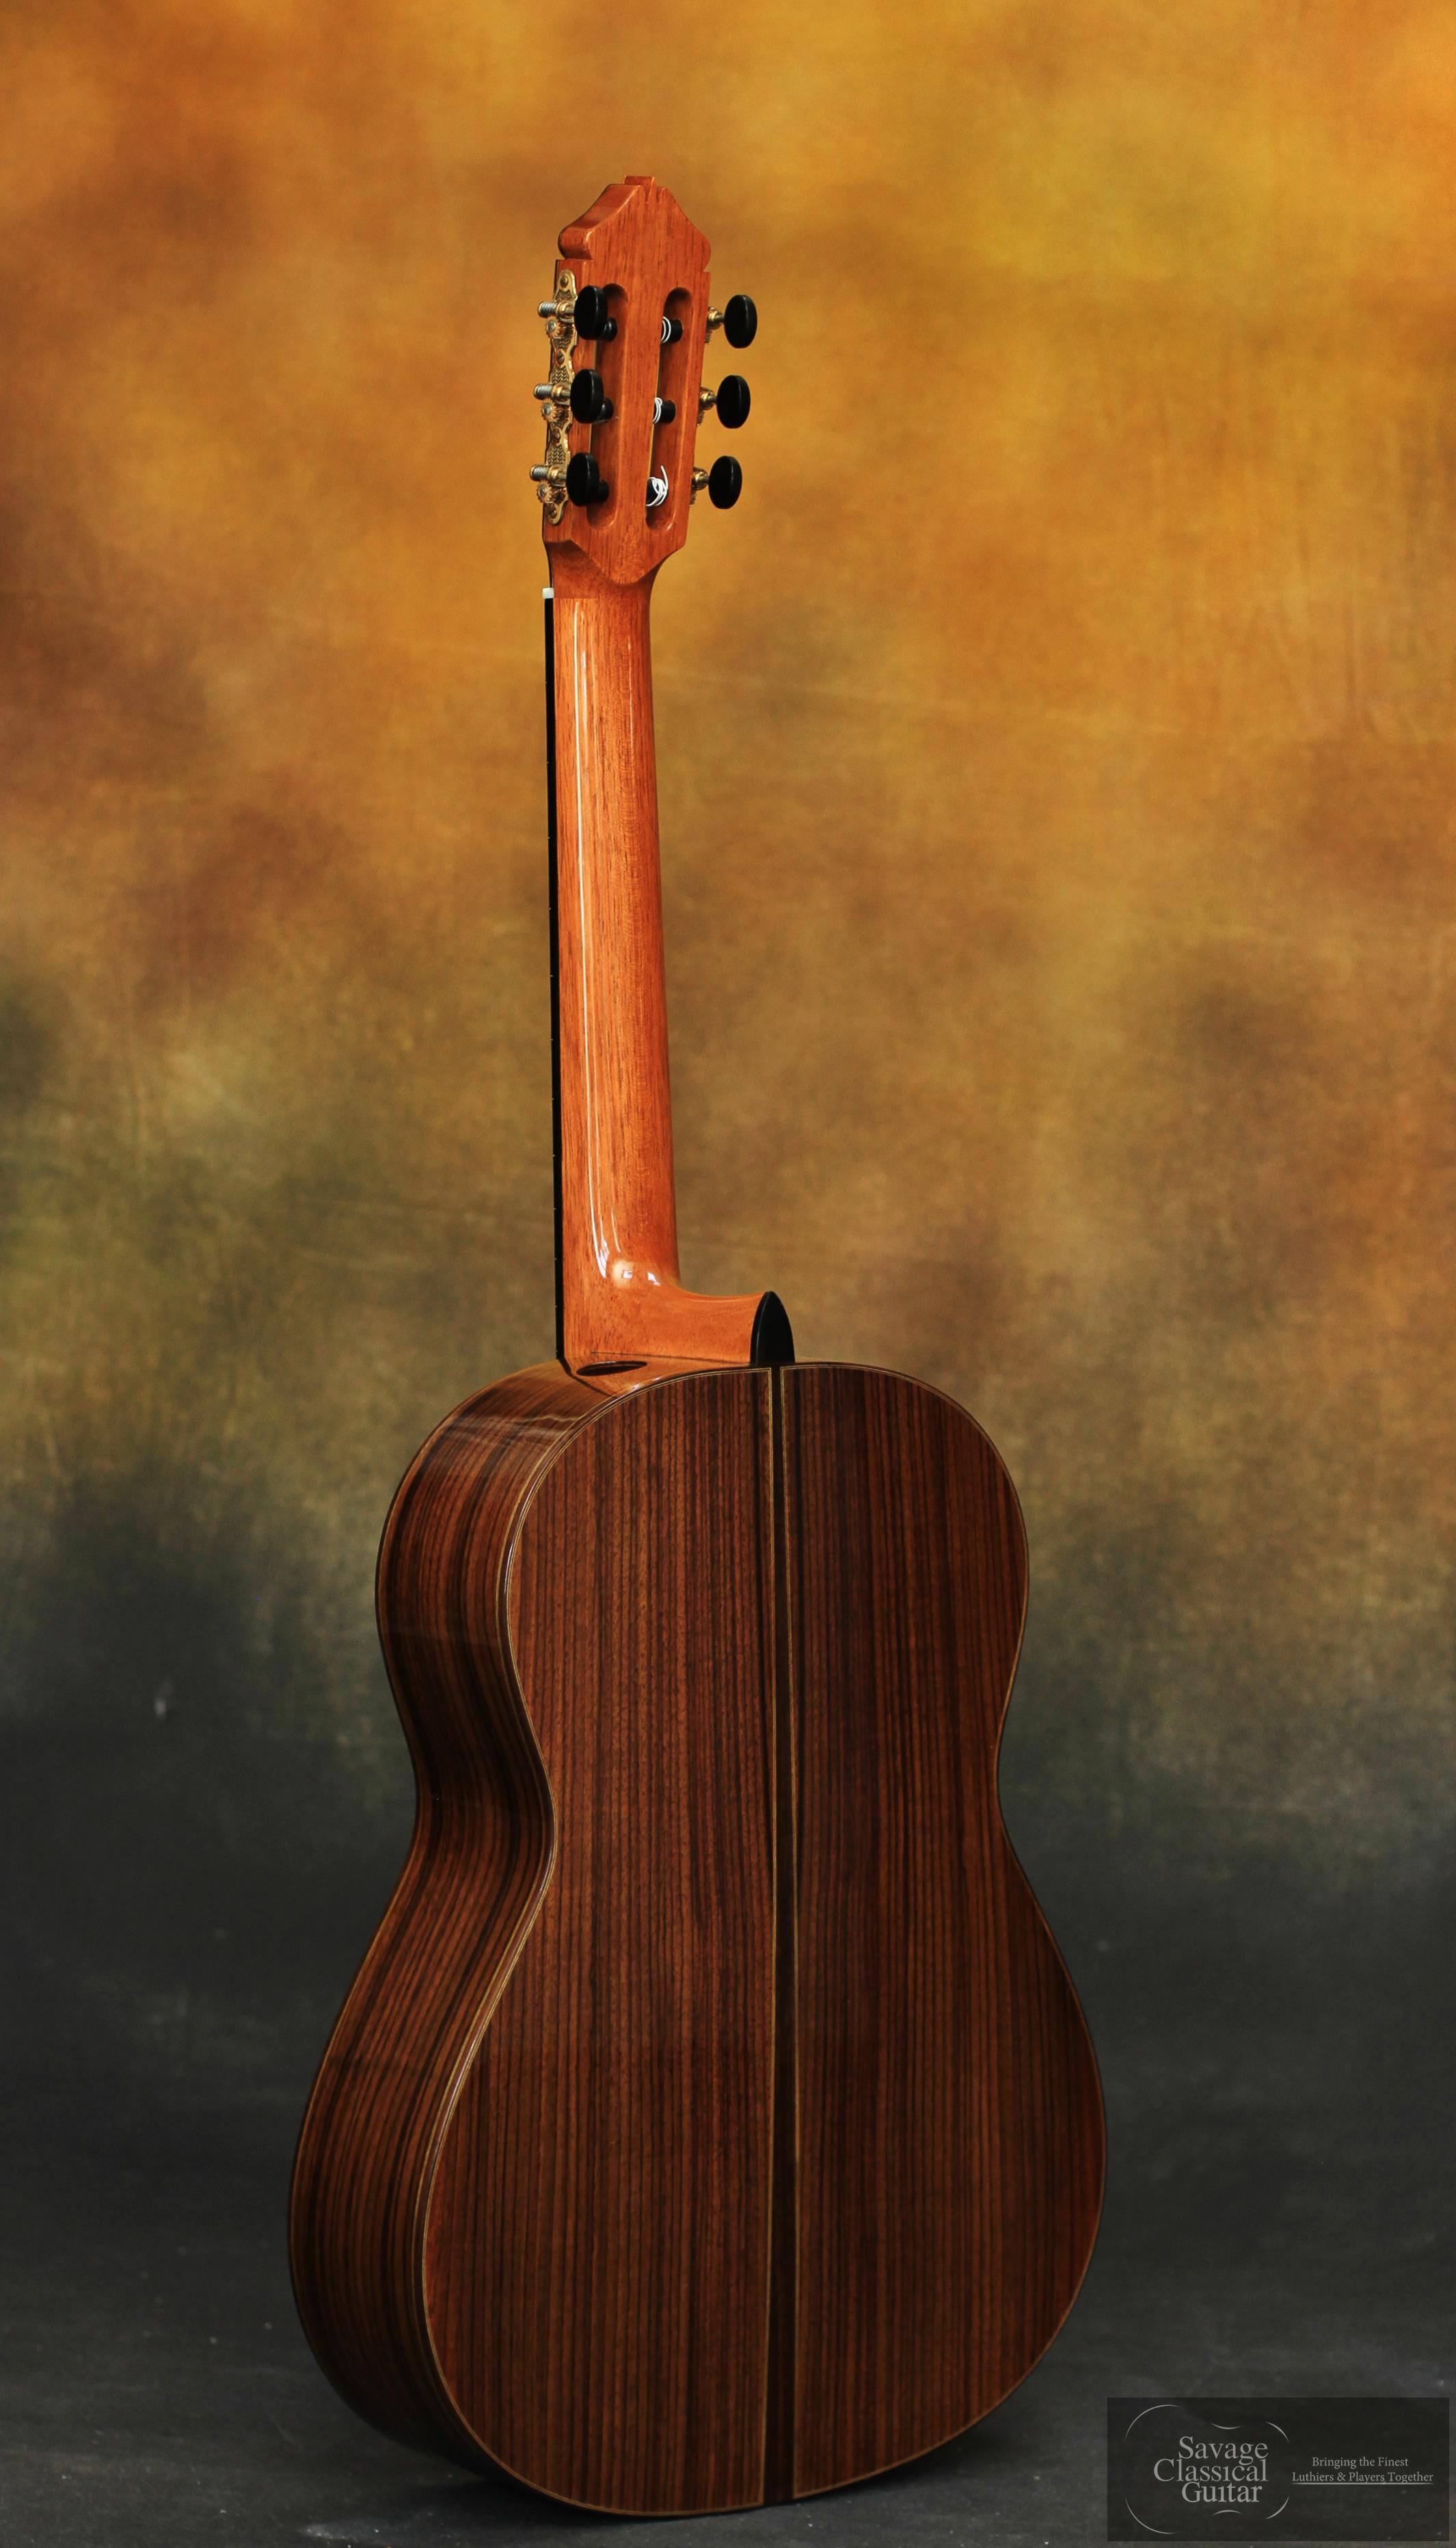 Kenny Hill Signature Classical Guitar 3386 Cedar